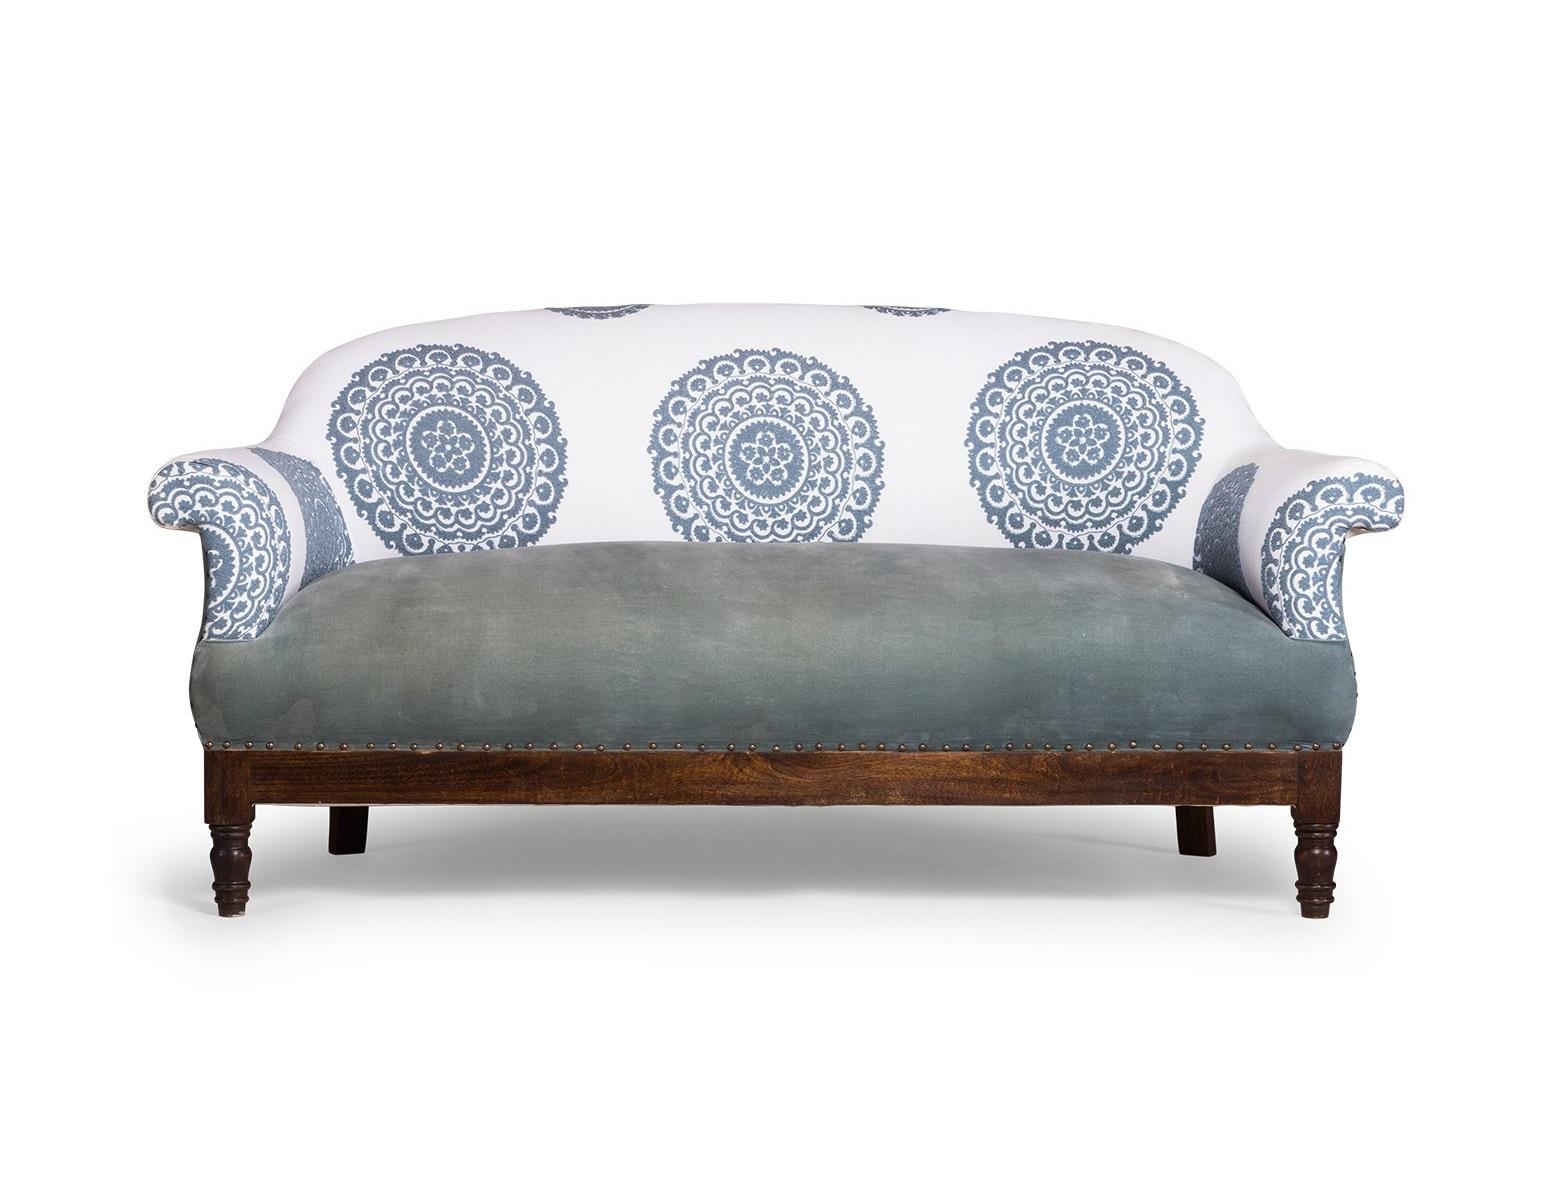 Диван EdwardДвухместные диваны<br><br><br>Material: Текстиль<br>Ширина см: 177<br>Высота см: 88<br>Глубина см: 70